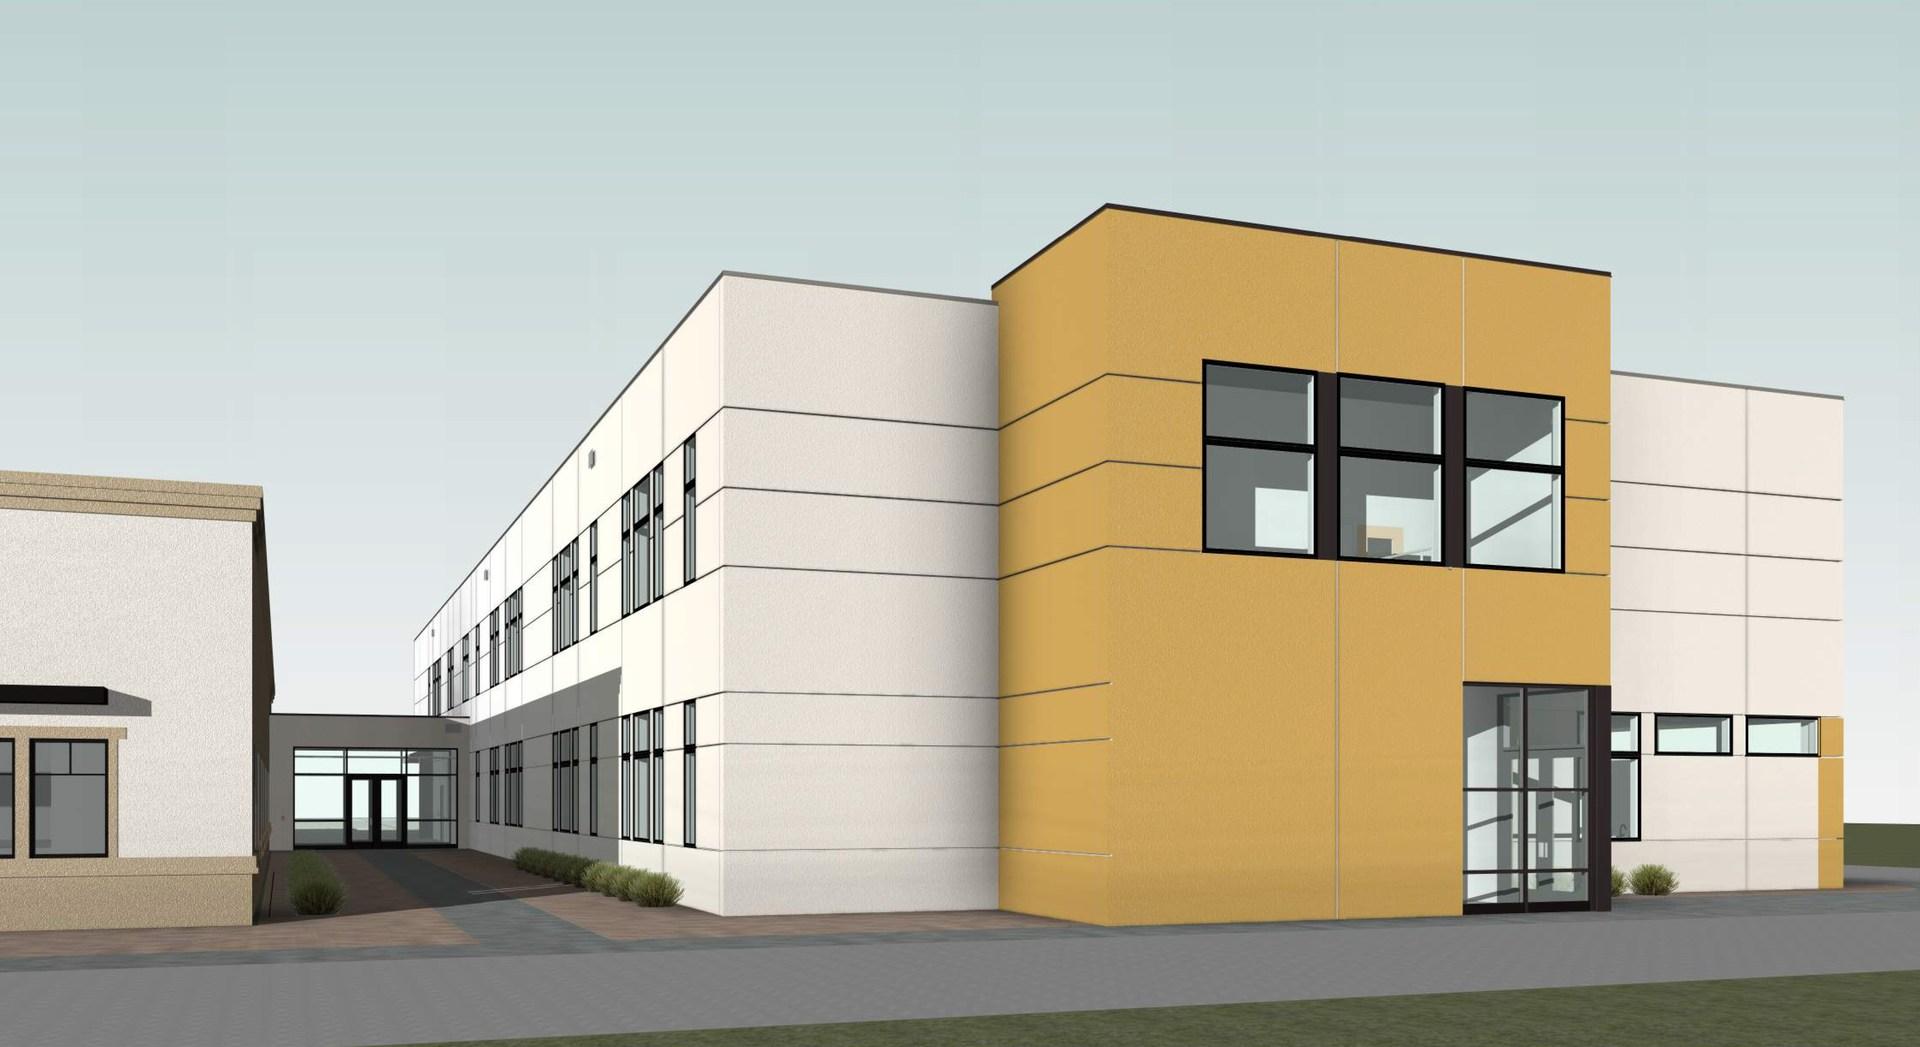 Ext rendering of middle school bldg